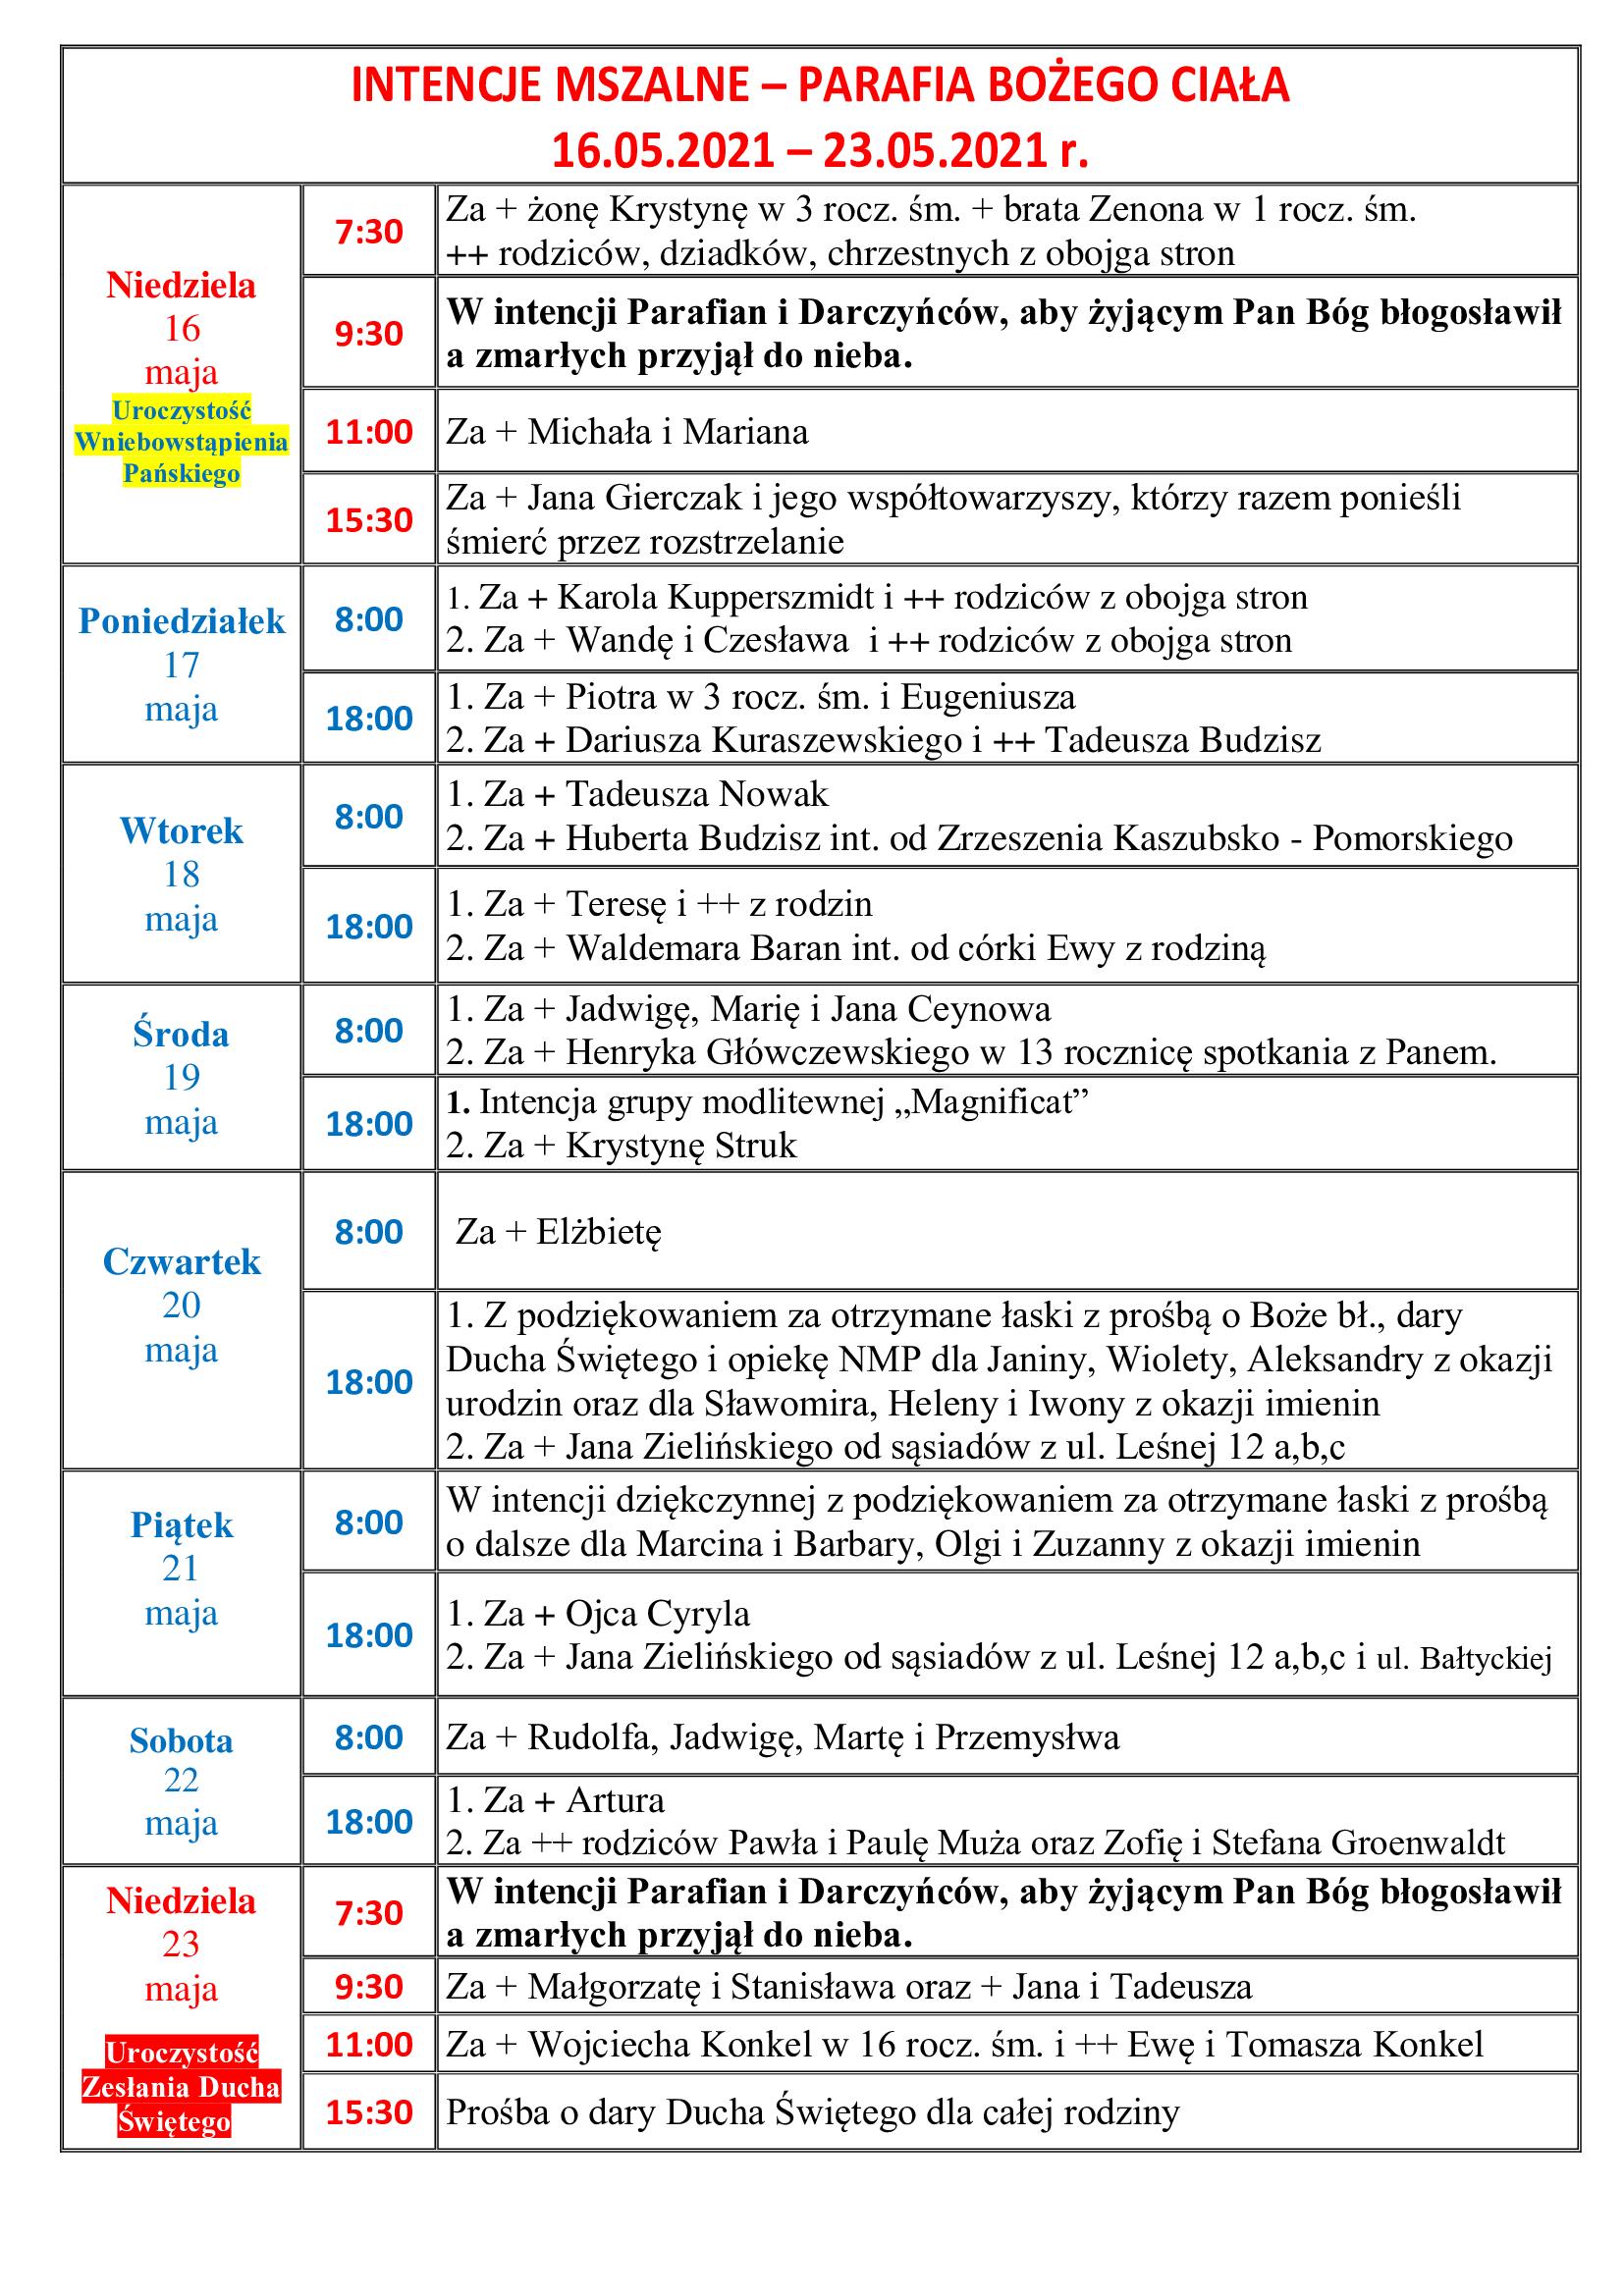 intencje-mszalne-16-05-23-05-2021r